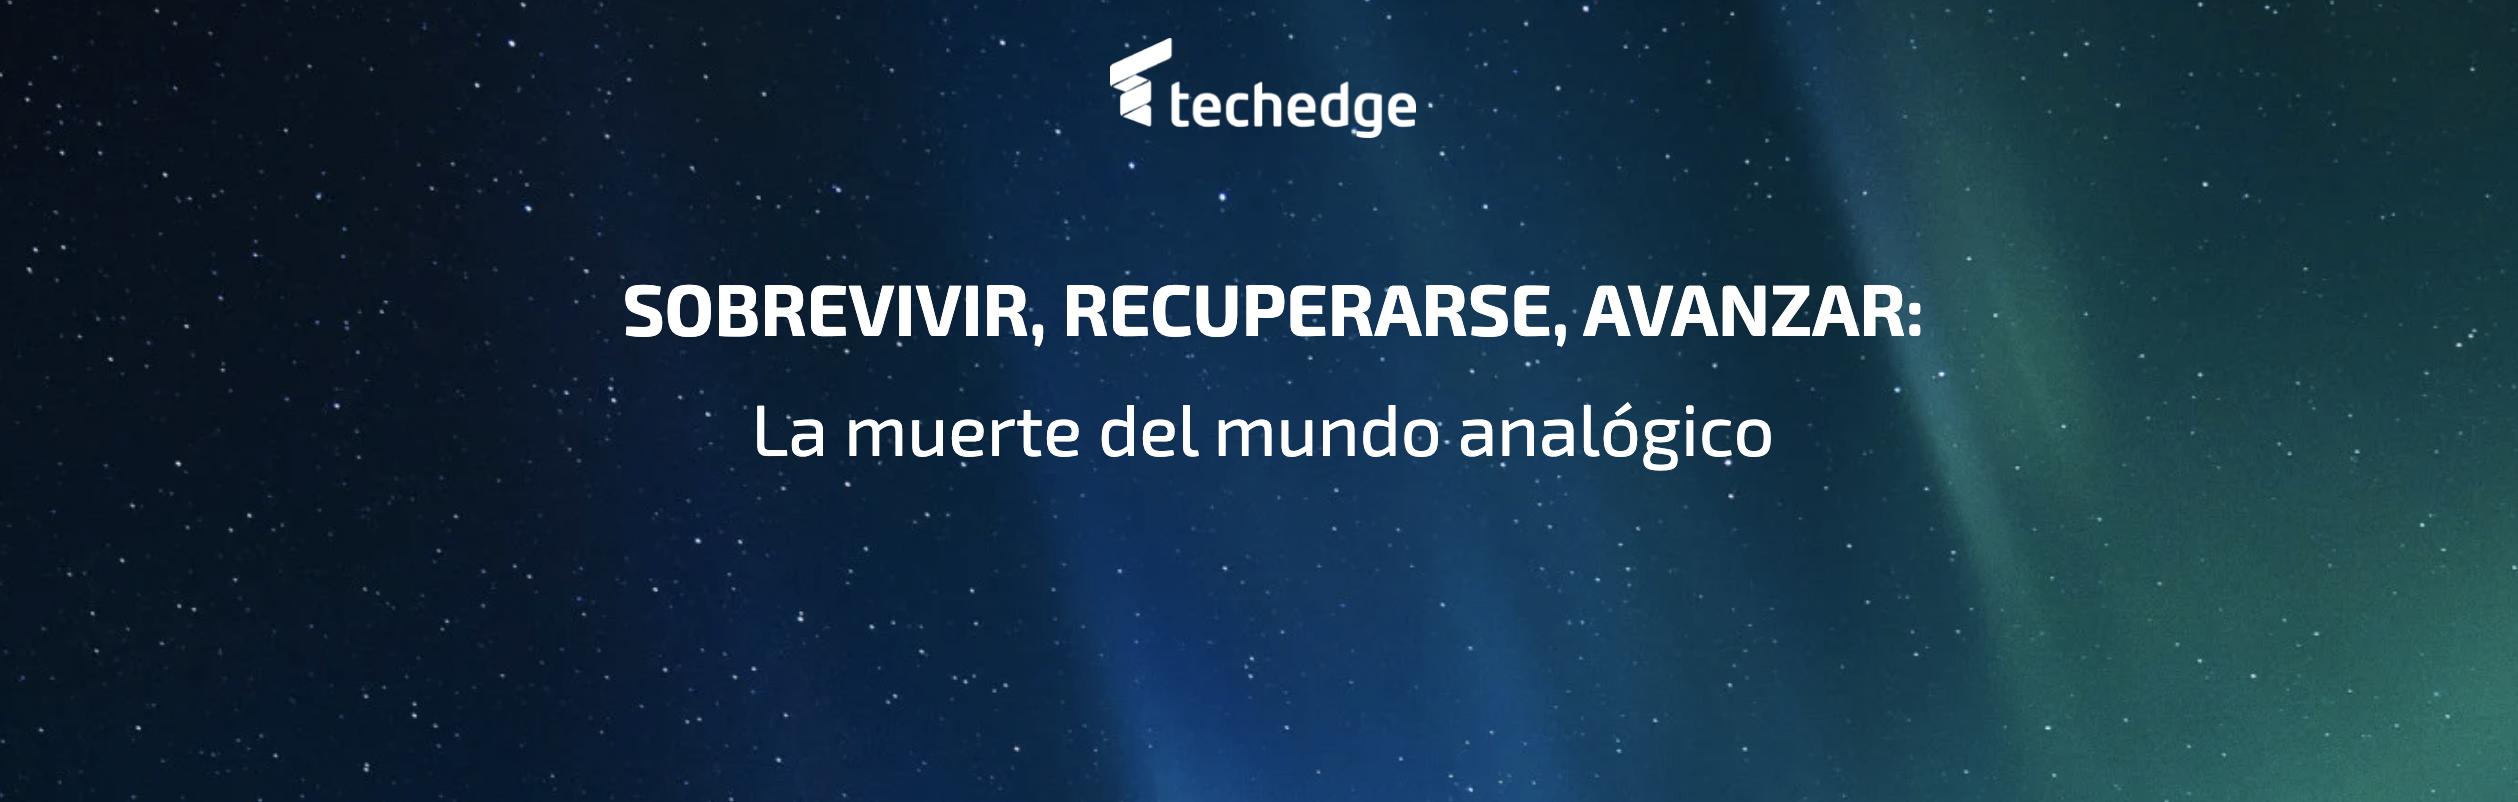 Techedge diseña un portfolio de soluciones con el objetivo de ayudar a las empresas a abordar con éxito la Nueva Normalidad